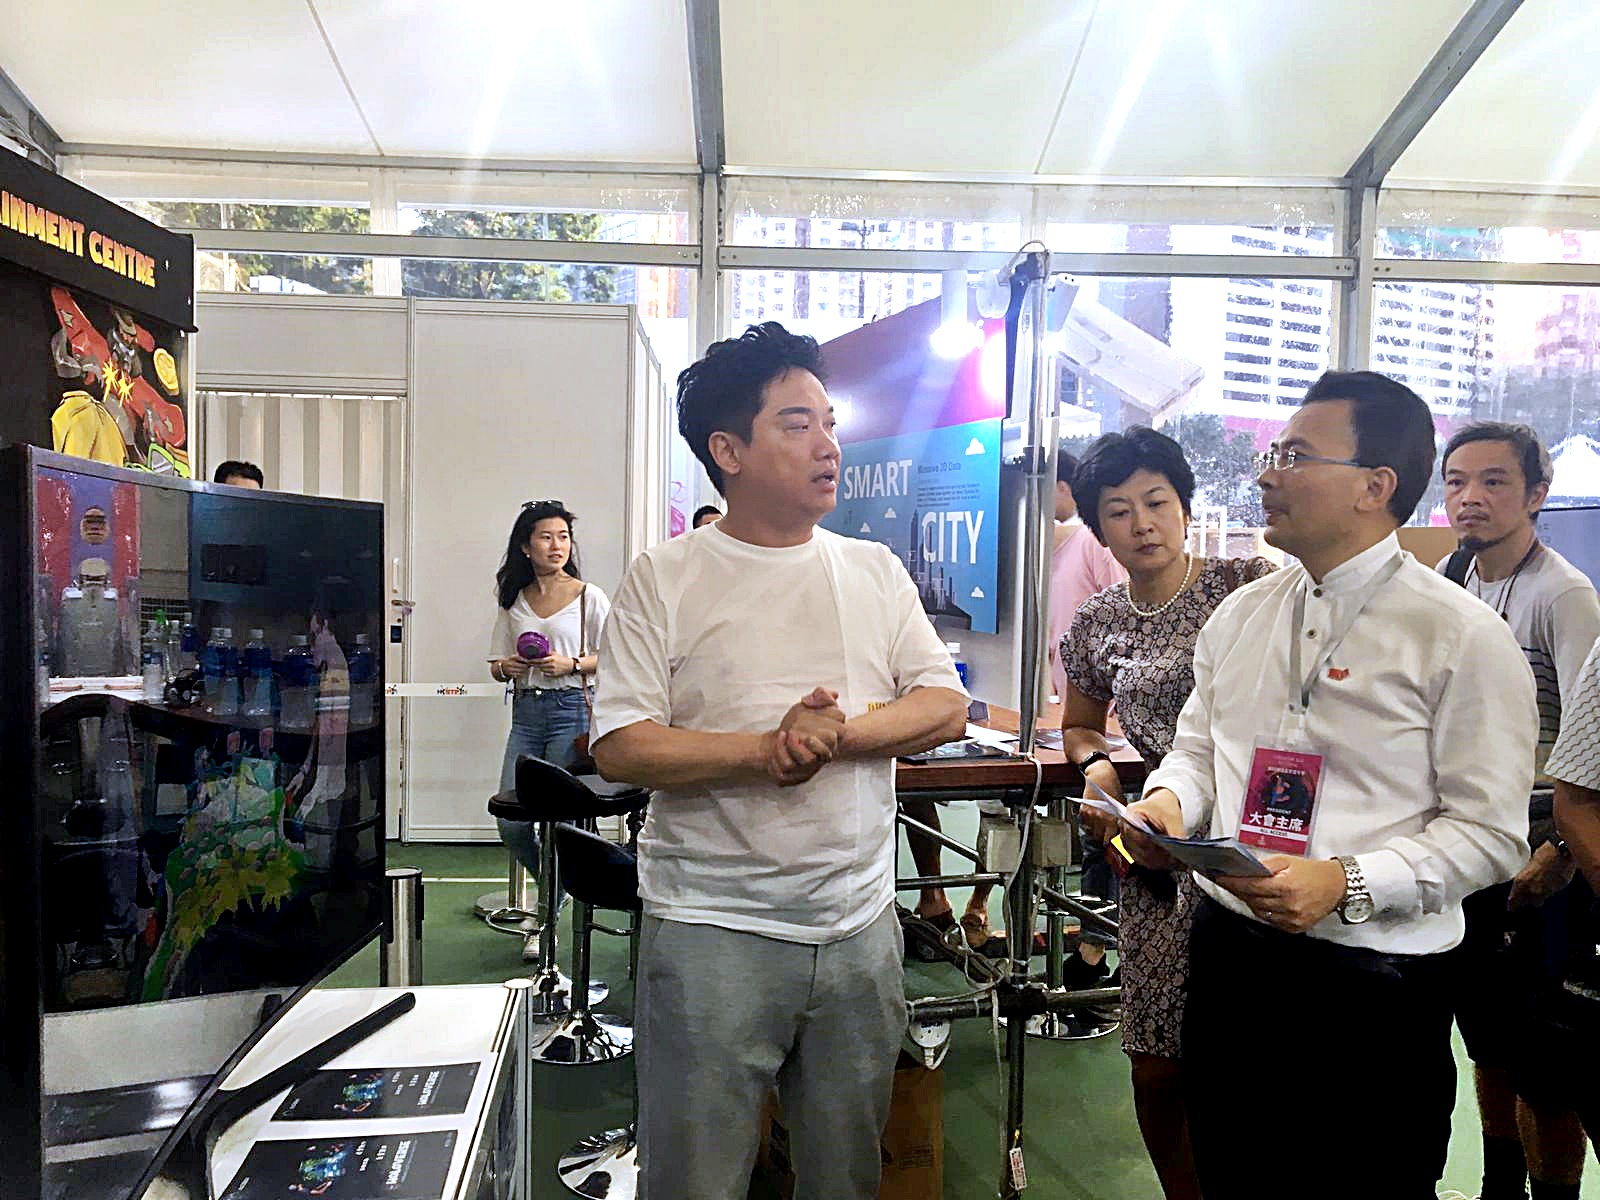 慶委會將於舉行多項慶祝回歸22年的活動。